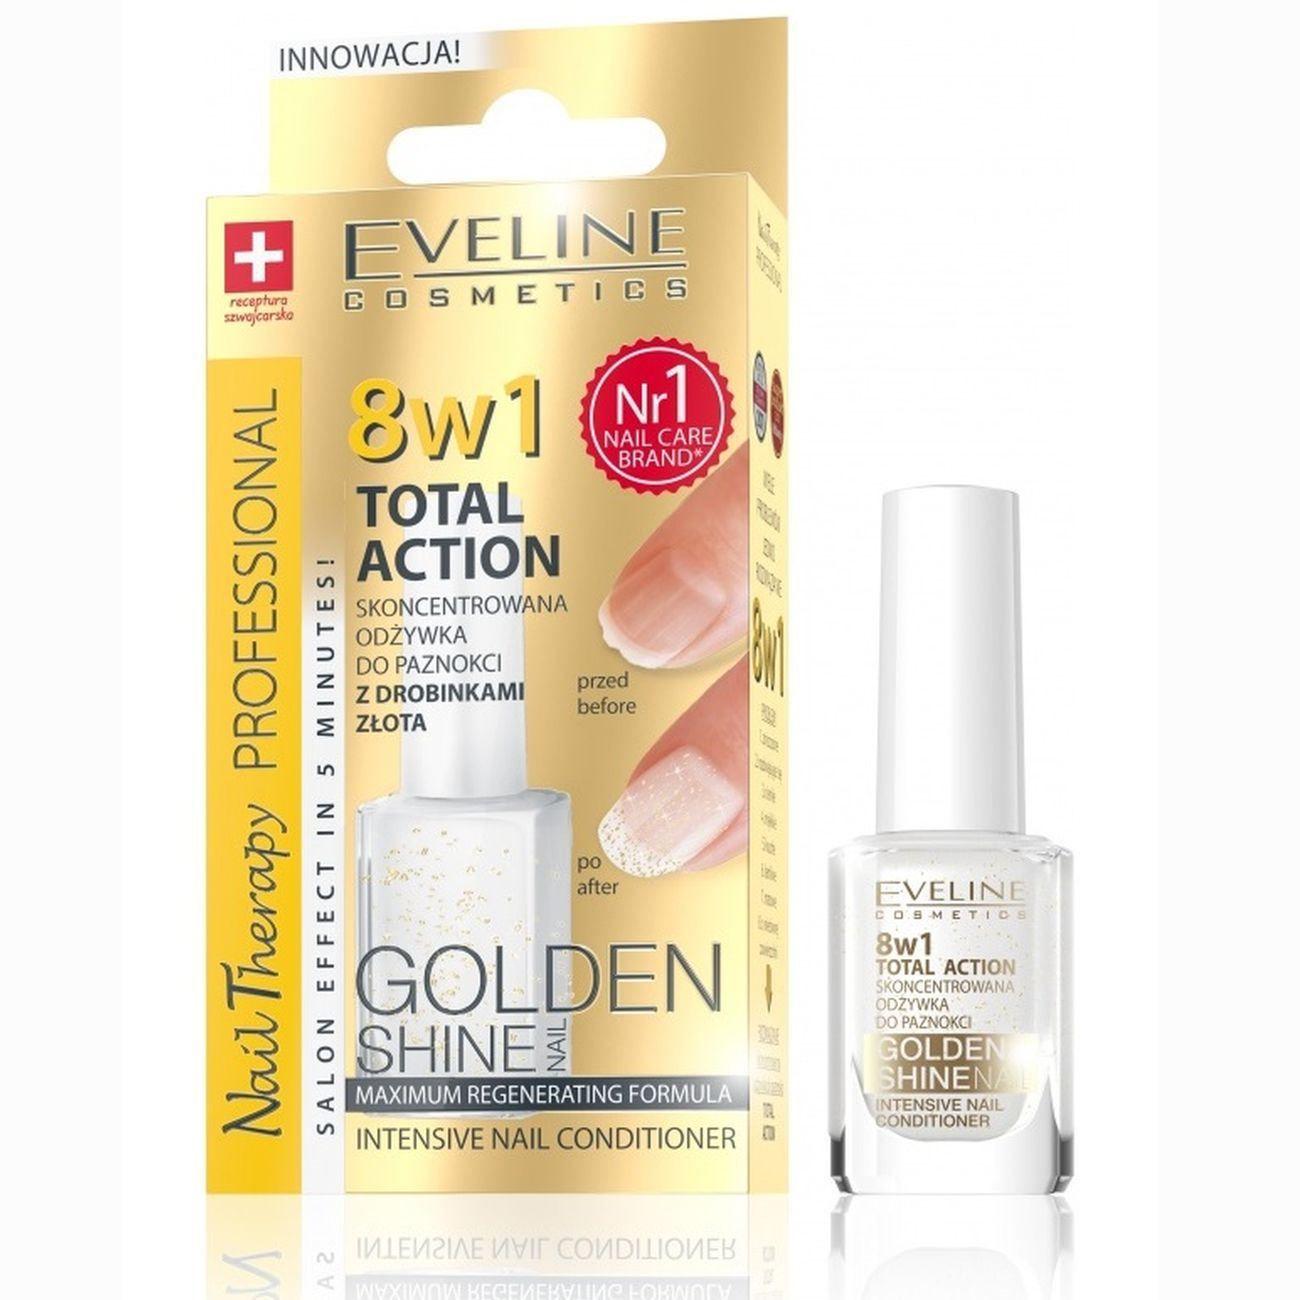 Eveline 8in1 Total Action Gold Regeneration formula